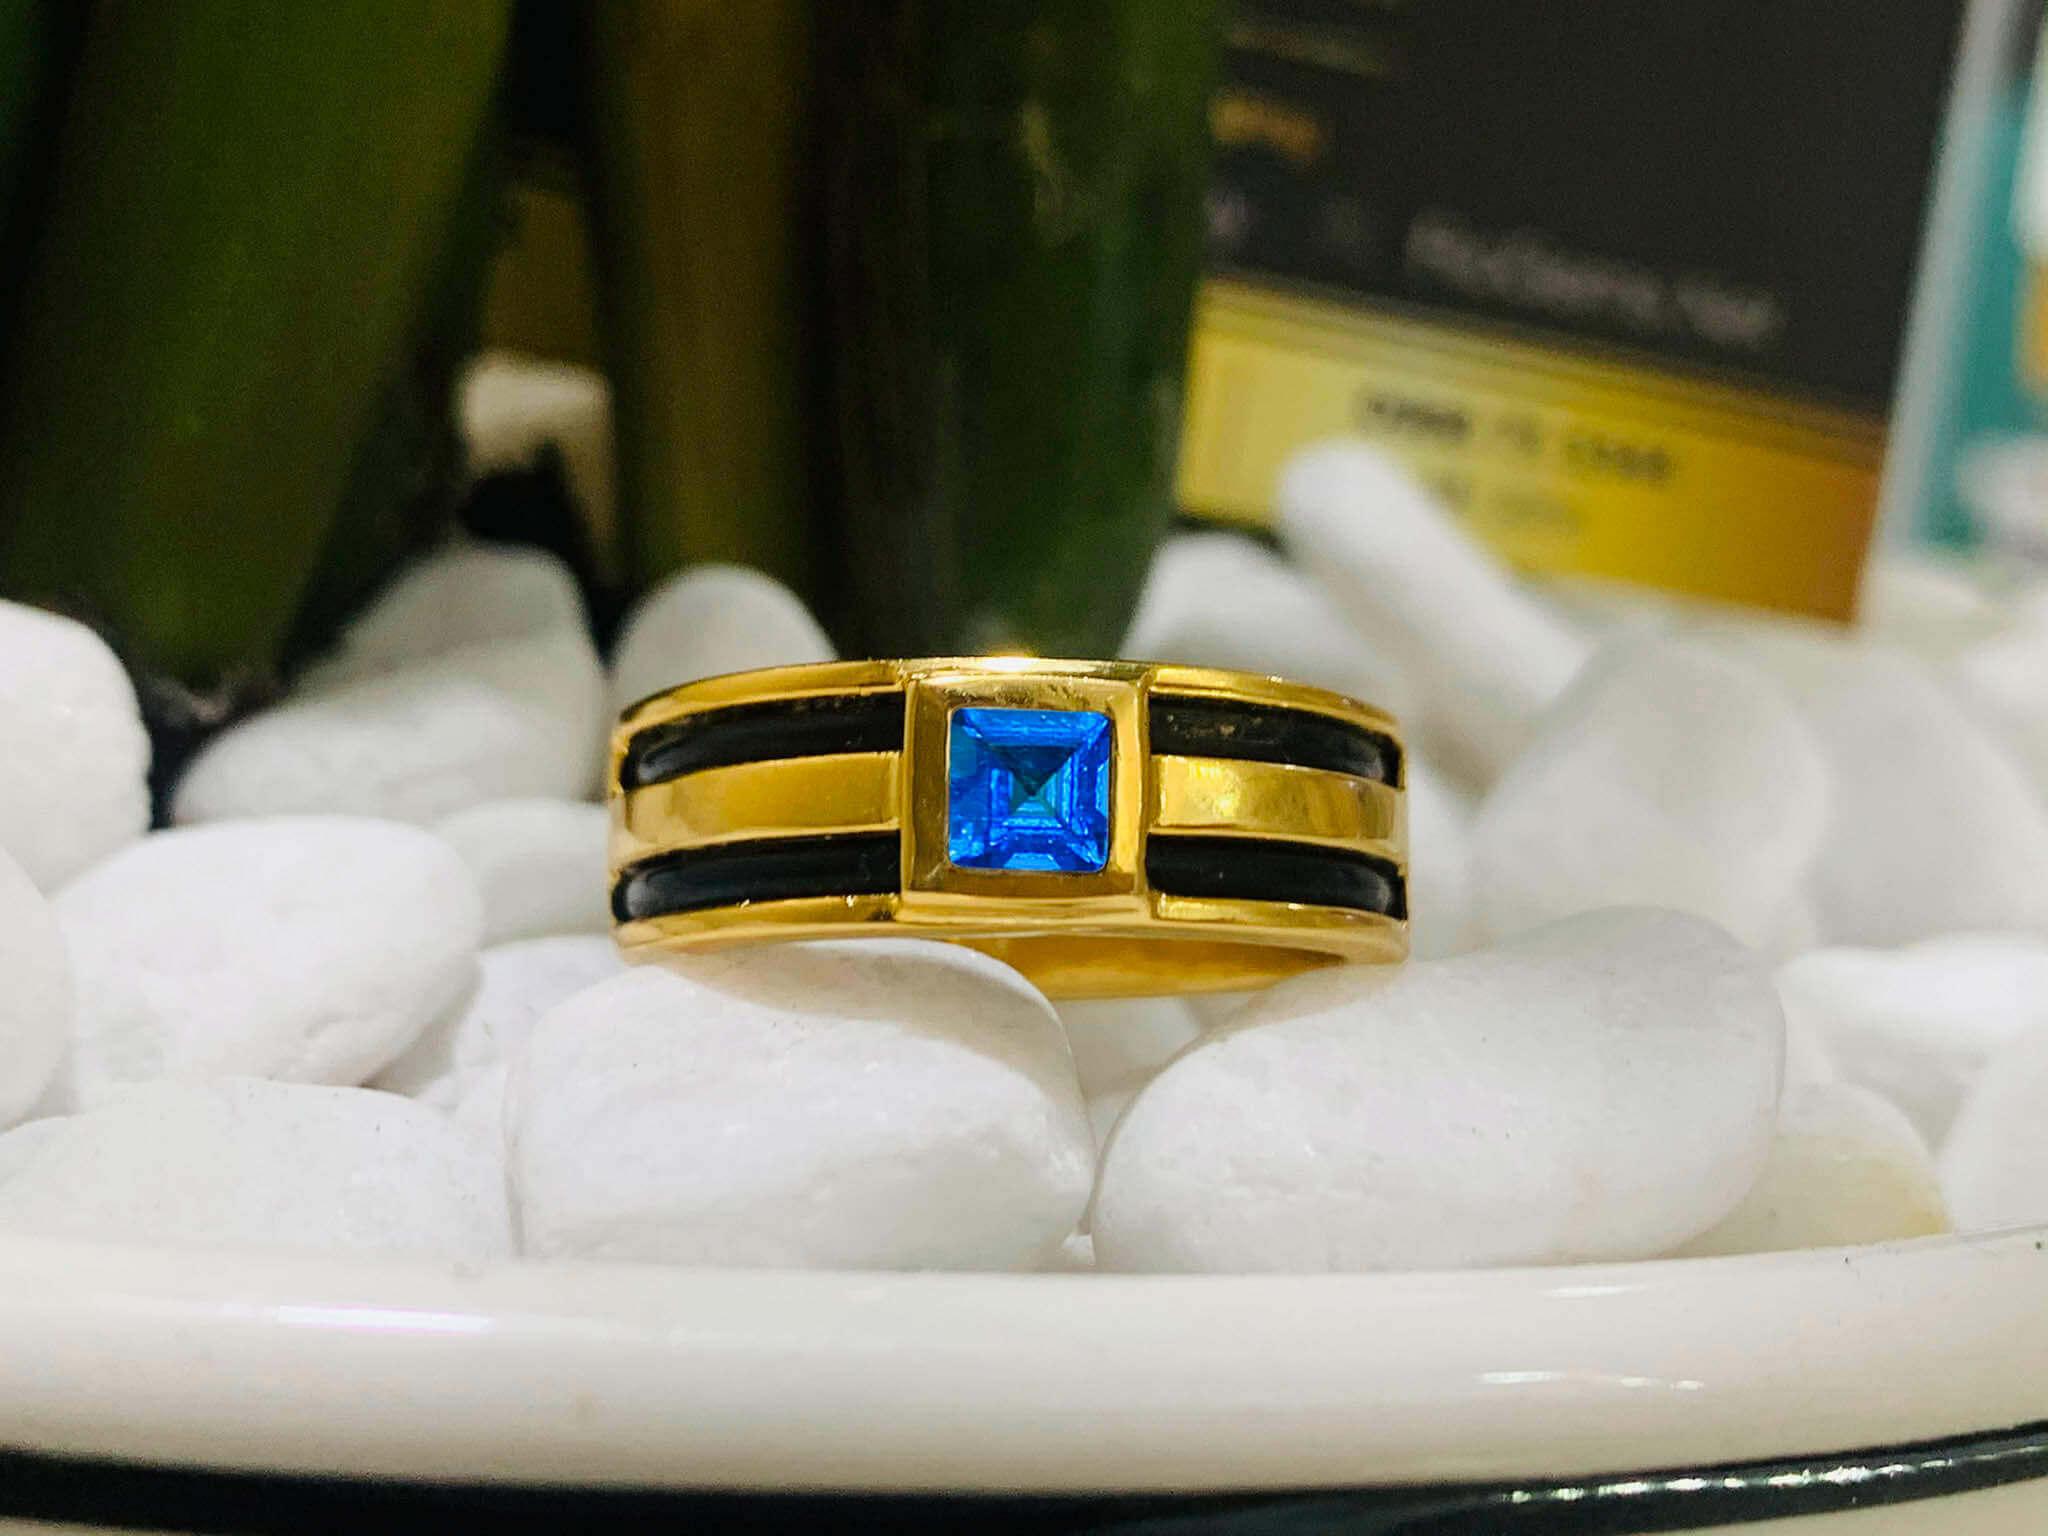 Nhẫn vàng nam mặt đá Topaz vuông xanh dương luồng 2 lông voi mang lại may mắn